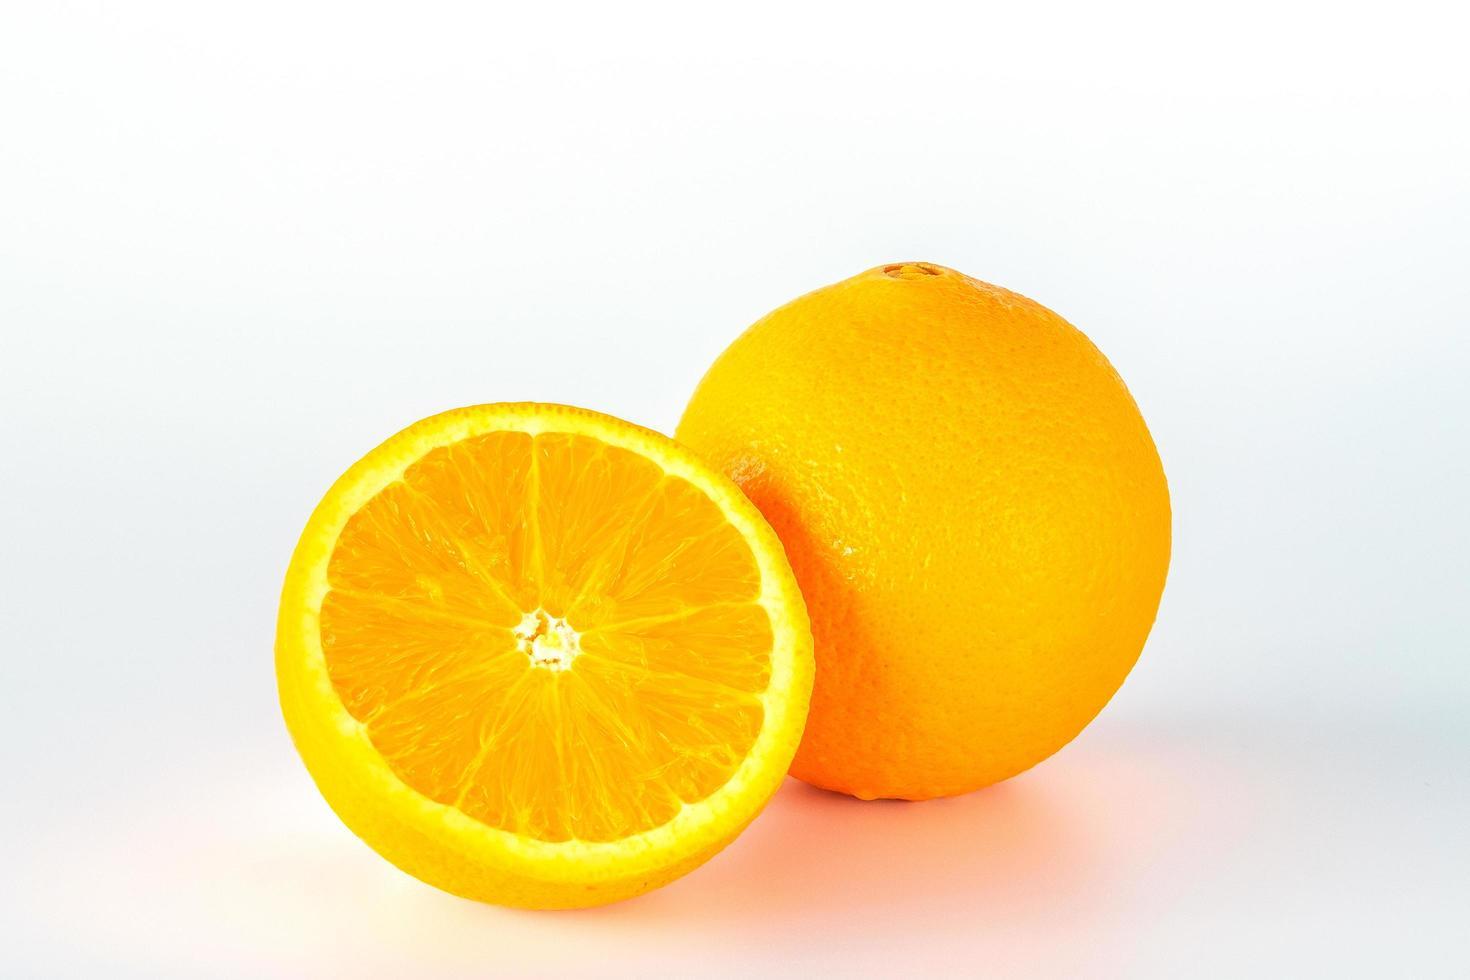 apelsin fruktskiva isolerad på vit bakgrund. foto